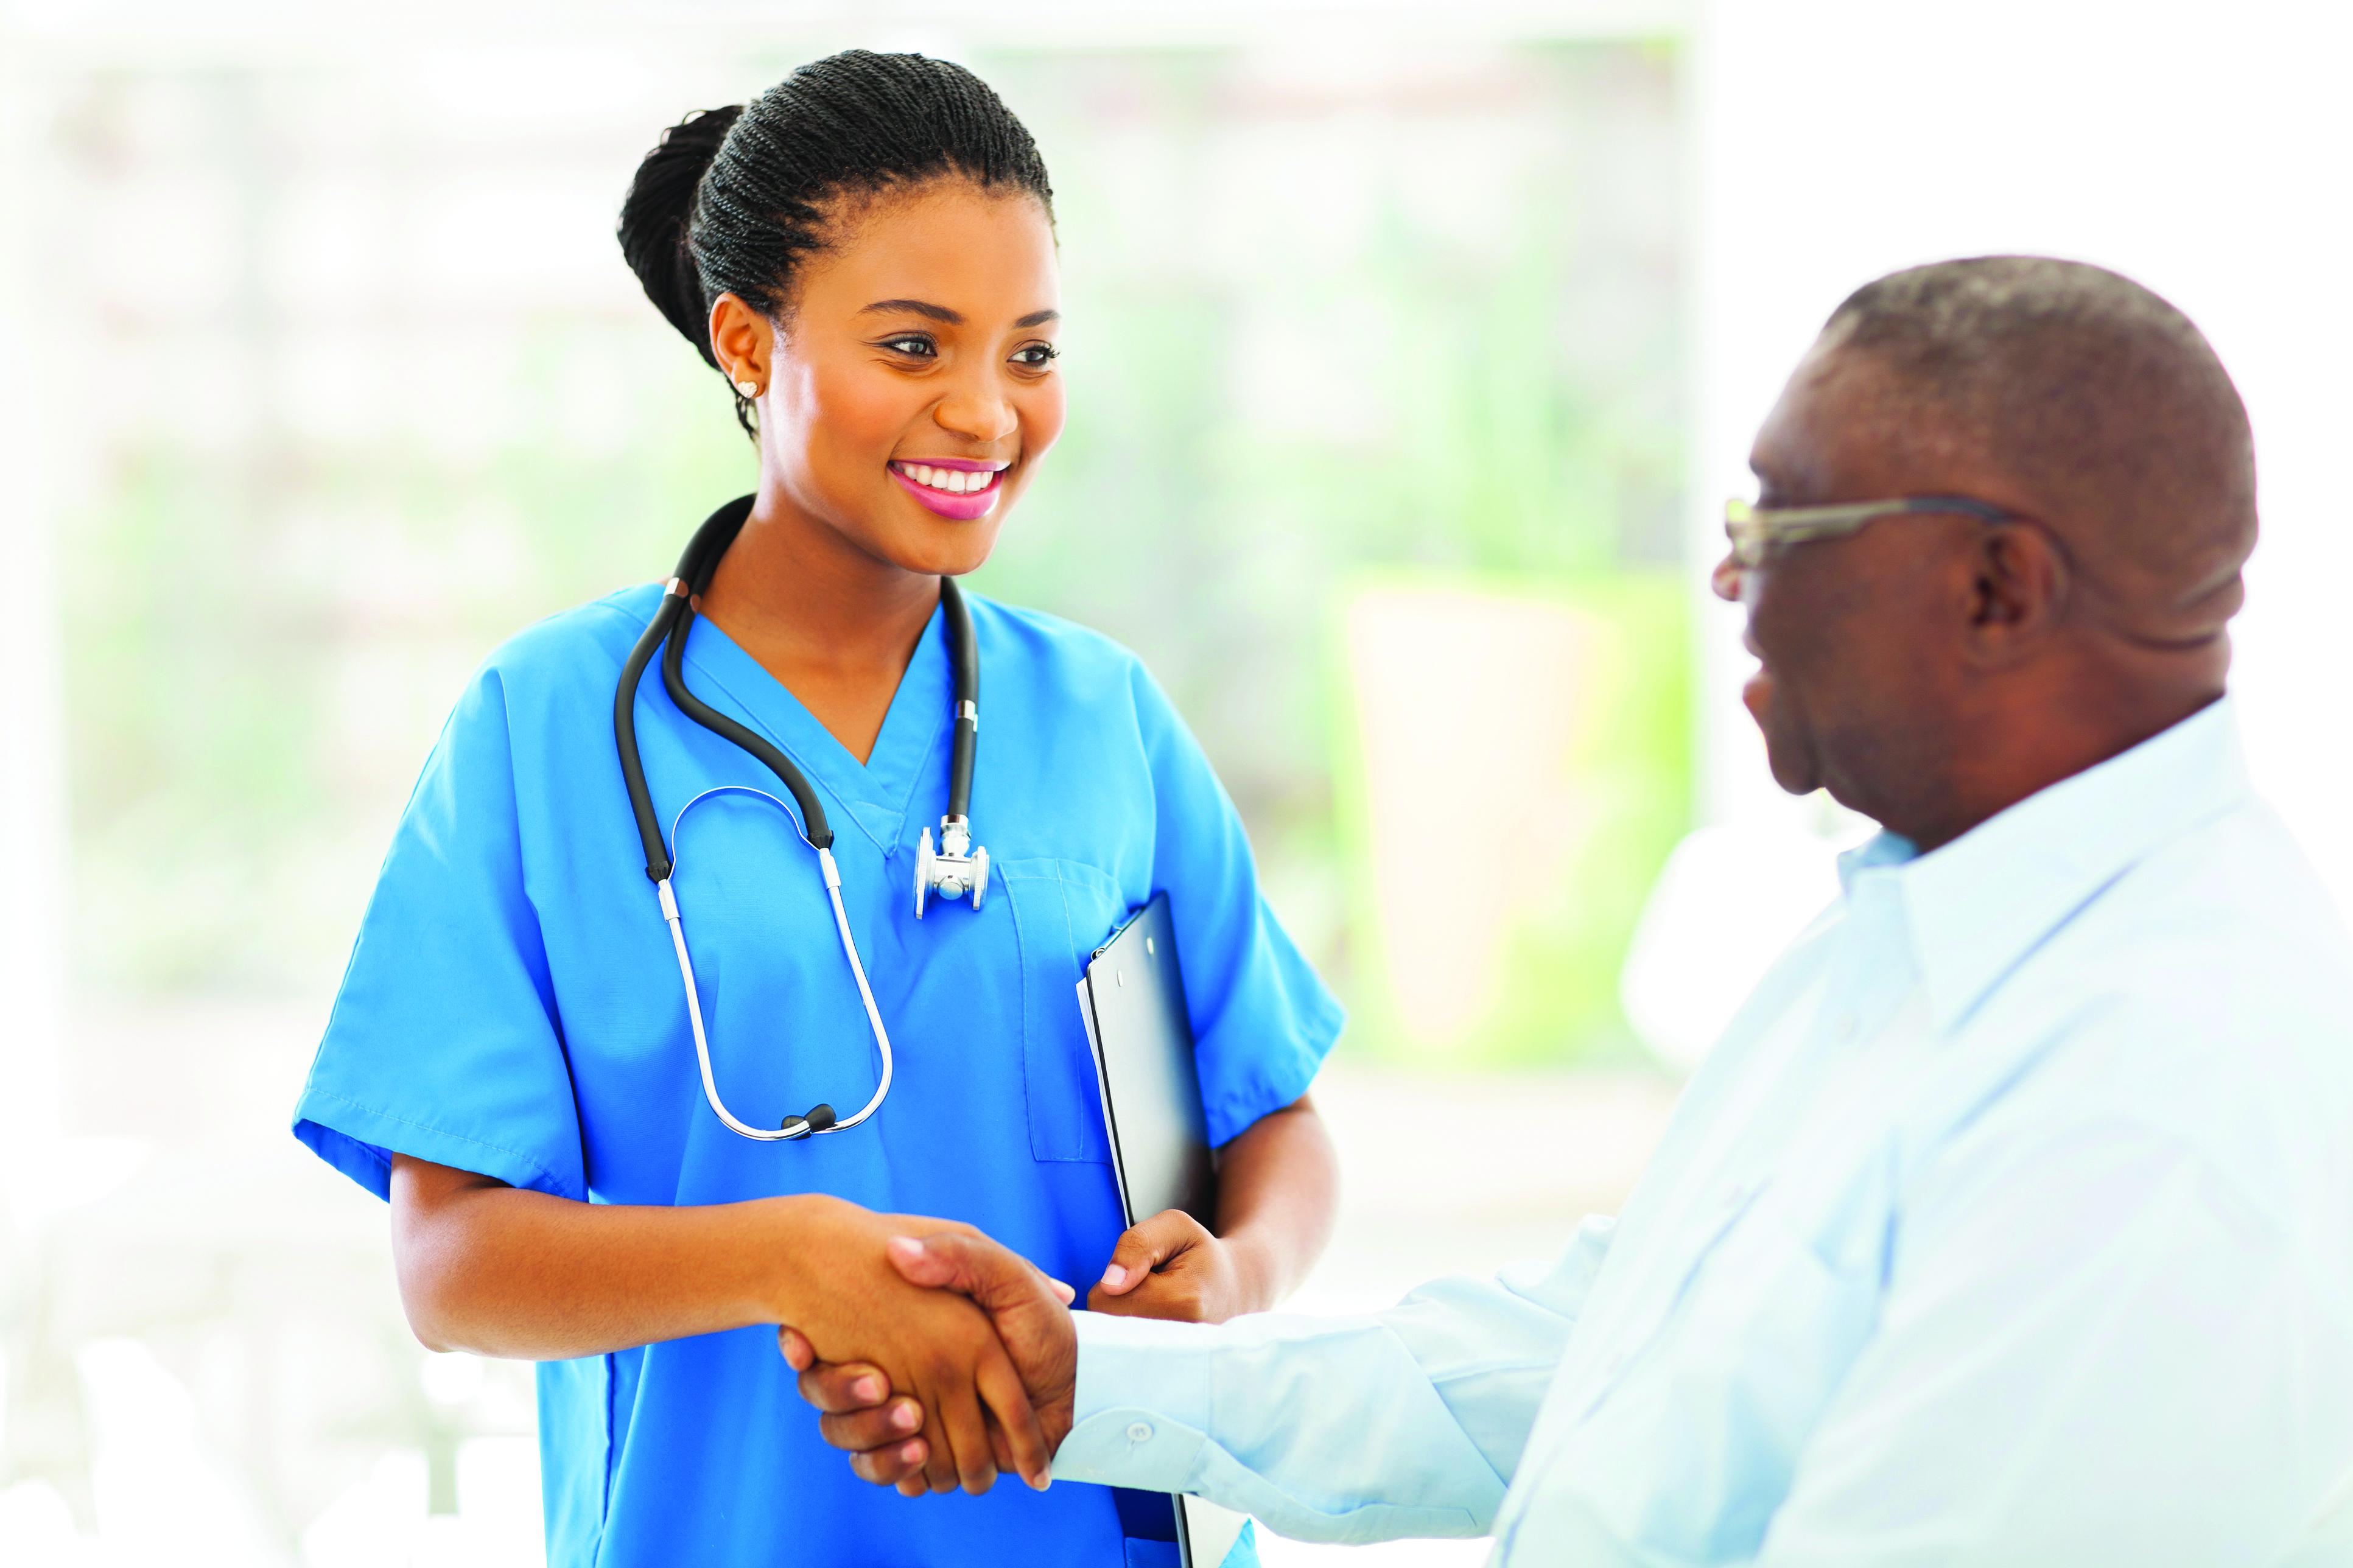 Mutuelle Entreprise Santé + : Une complémentaire santé